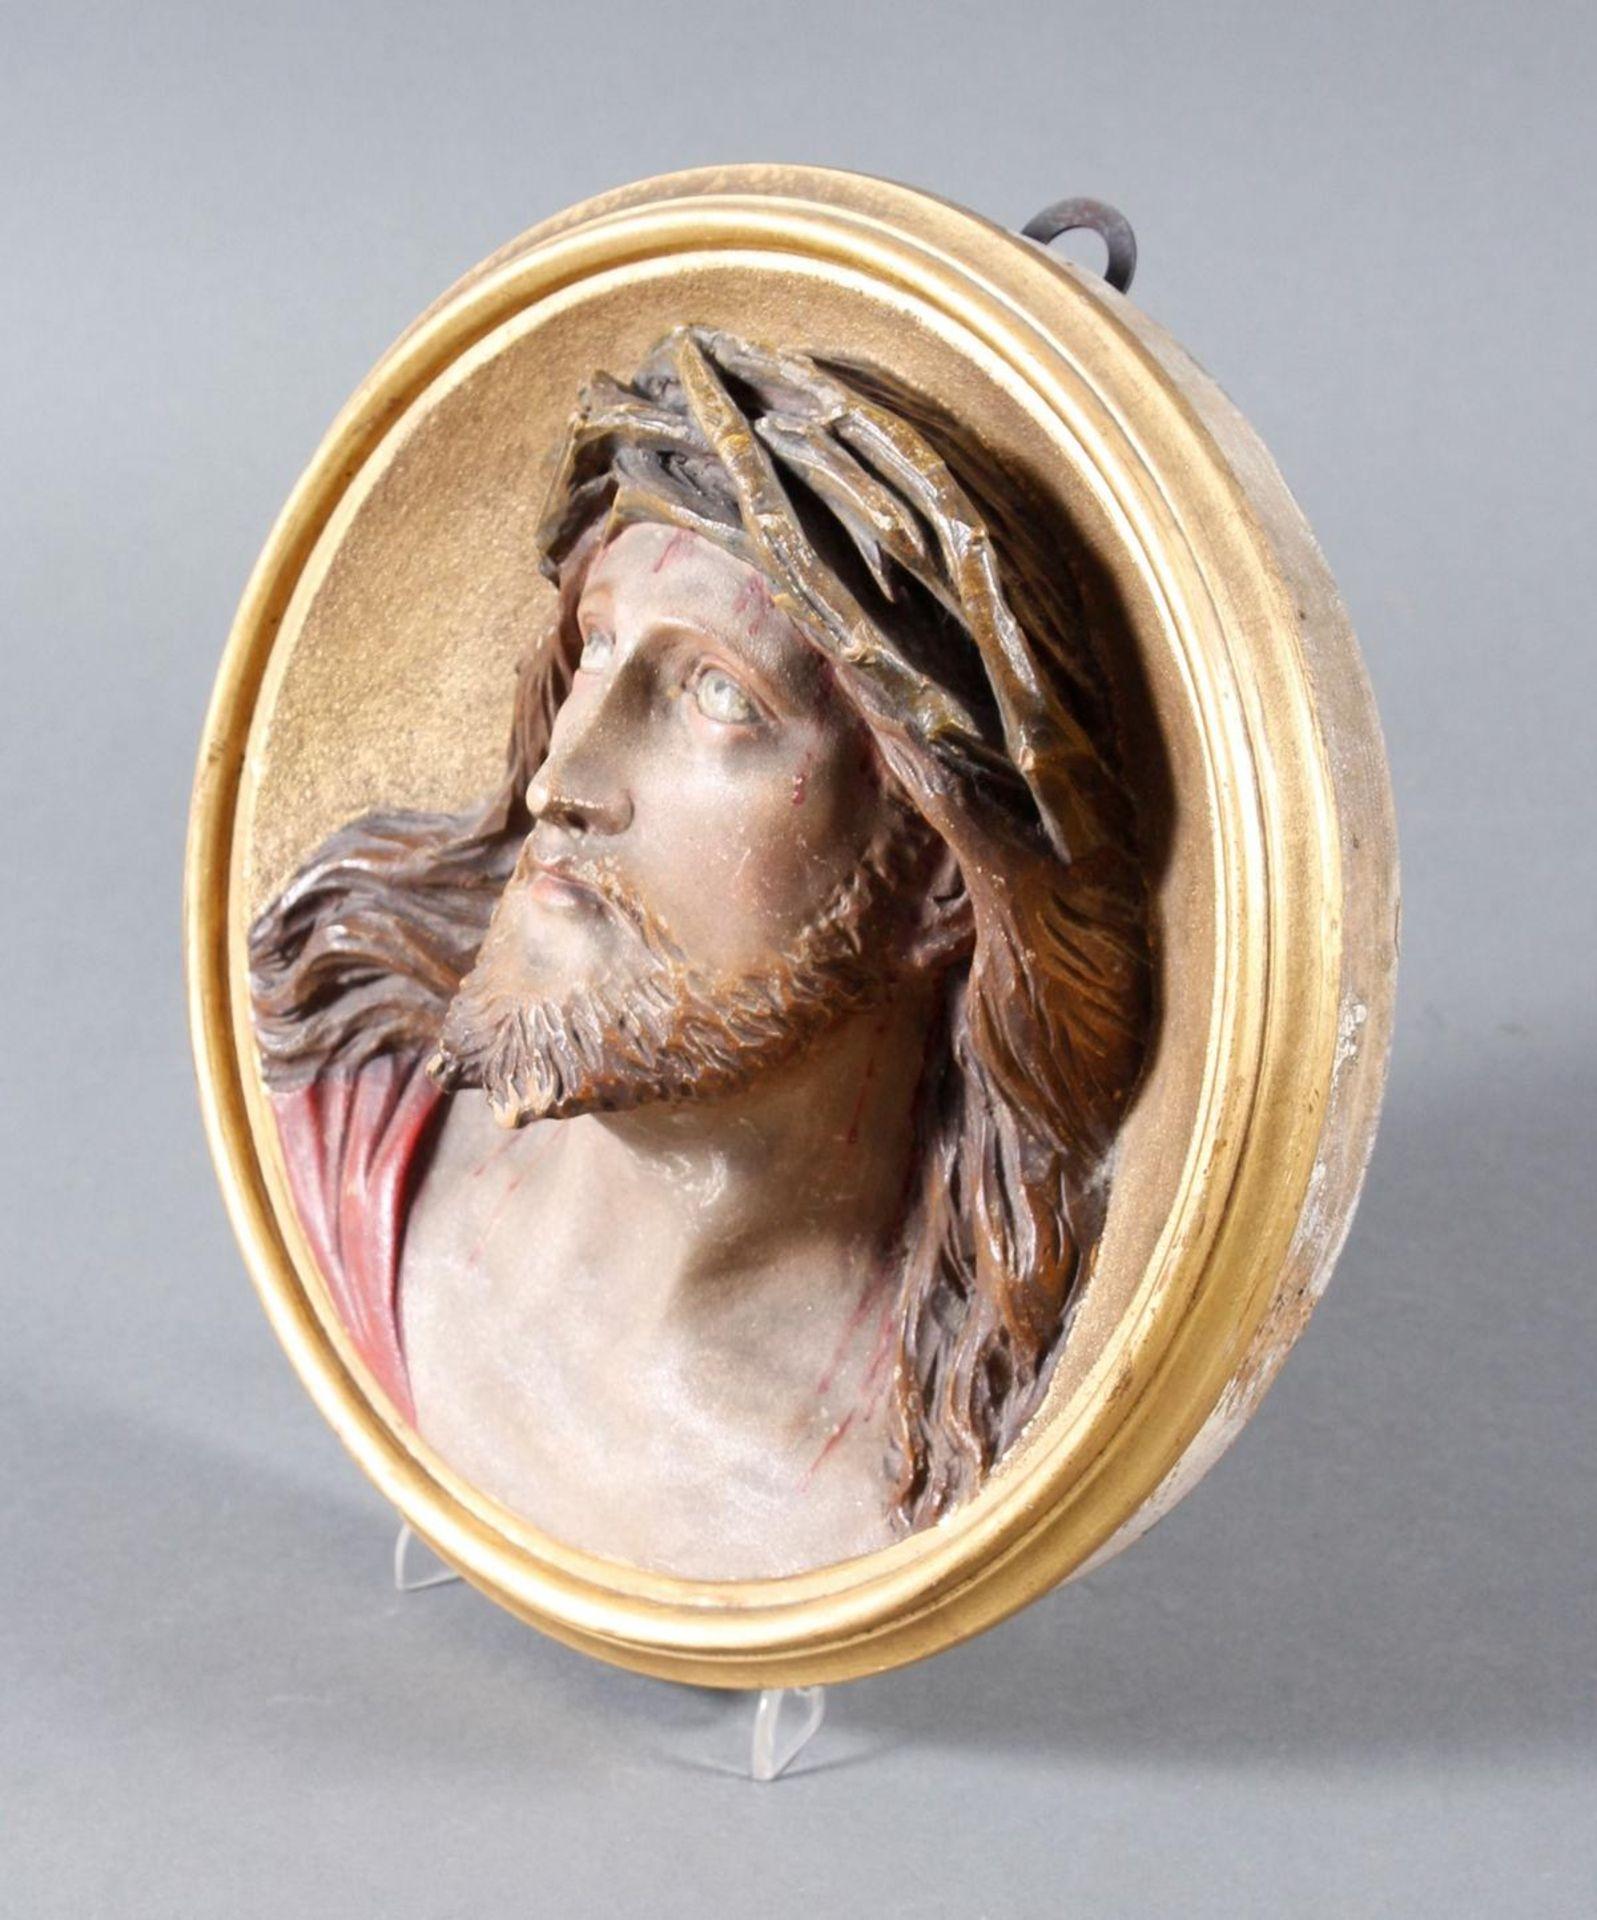 Holz Wandrelief, Christus, Süddeutsch um 1880 - Bild 4 aus 6